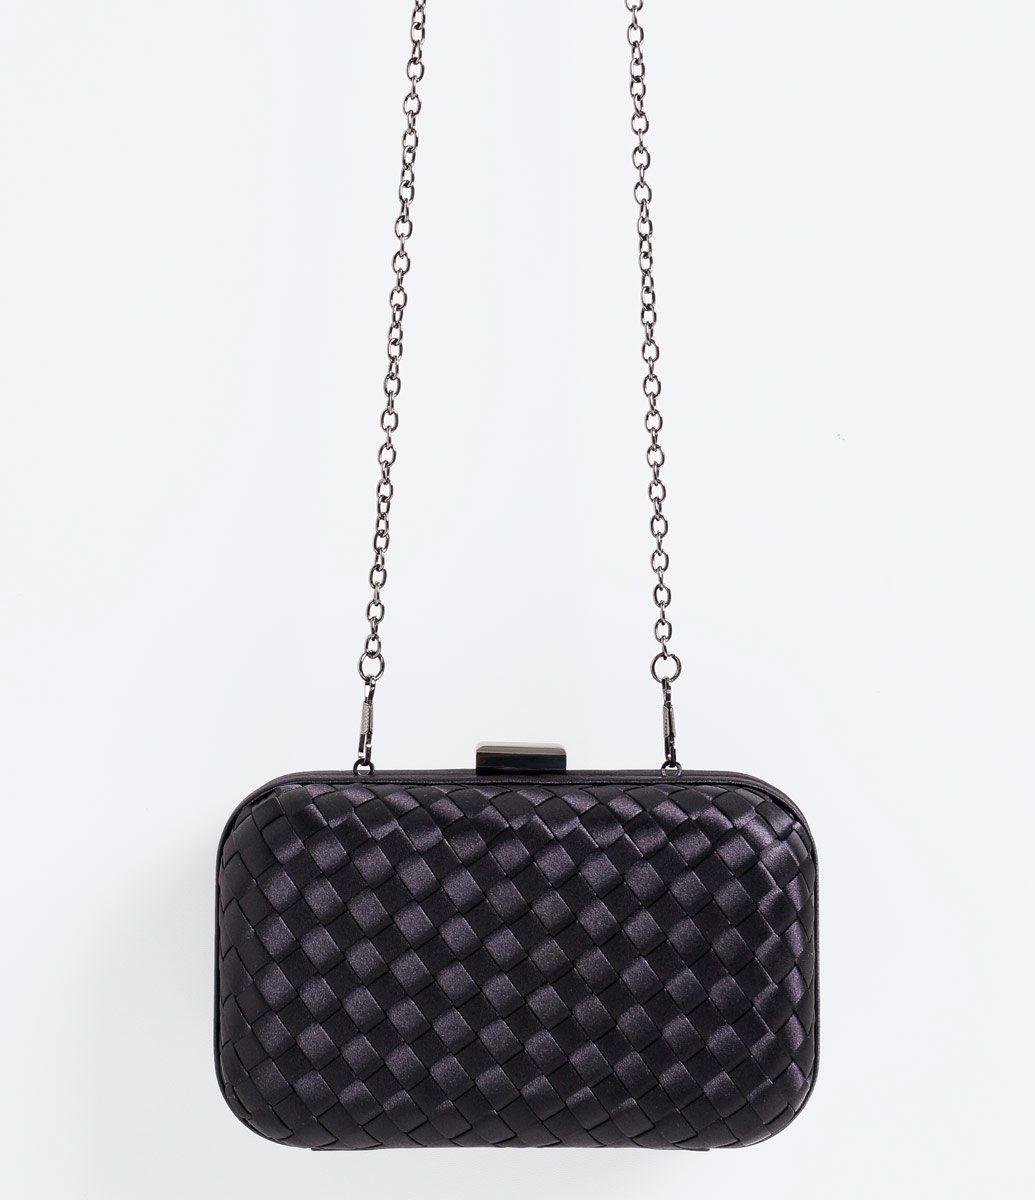 6ed2d9201 Bolsa feminina Modelo clutch Com alça de corrente Com tressê Com forro  Marca: Satinato Material